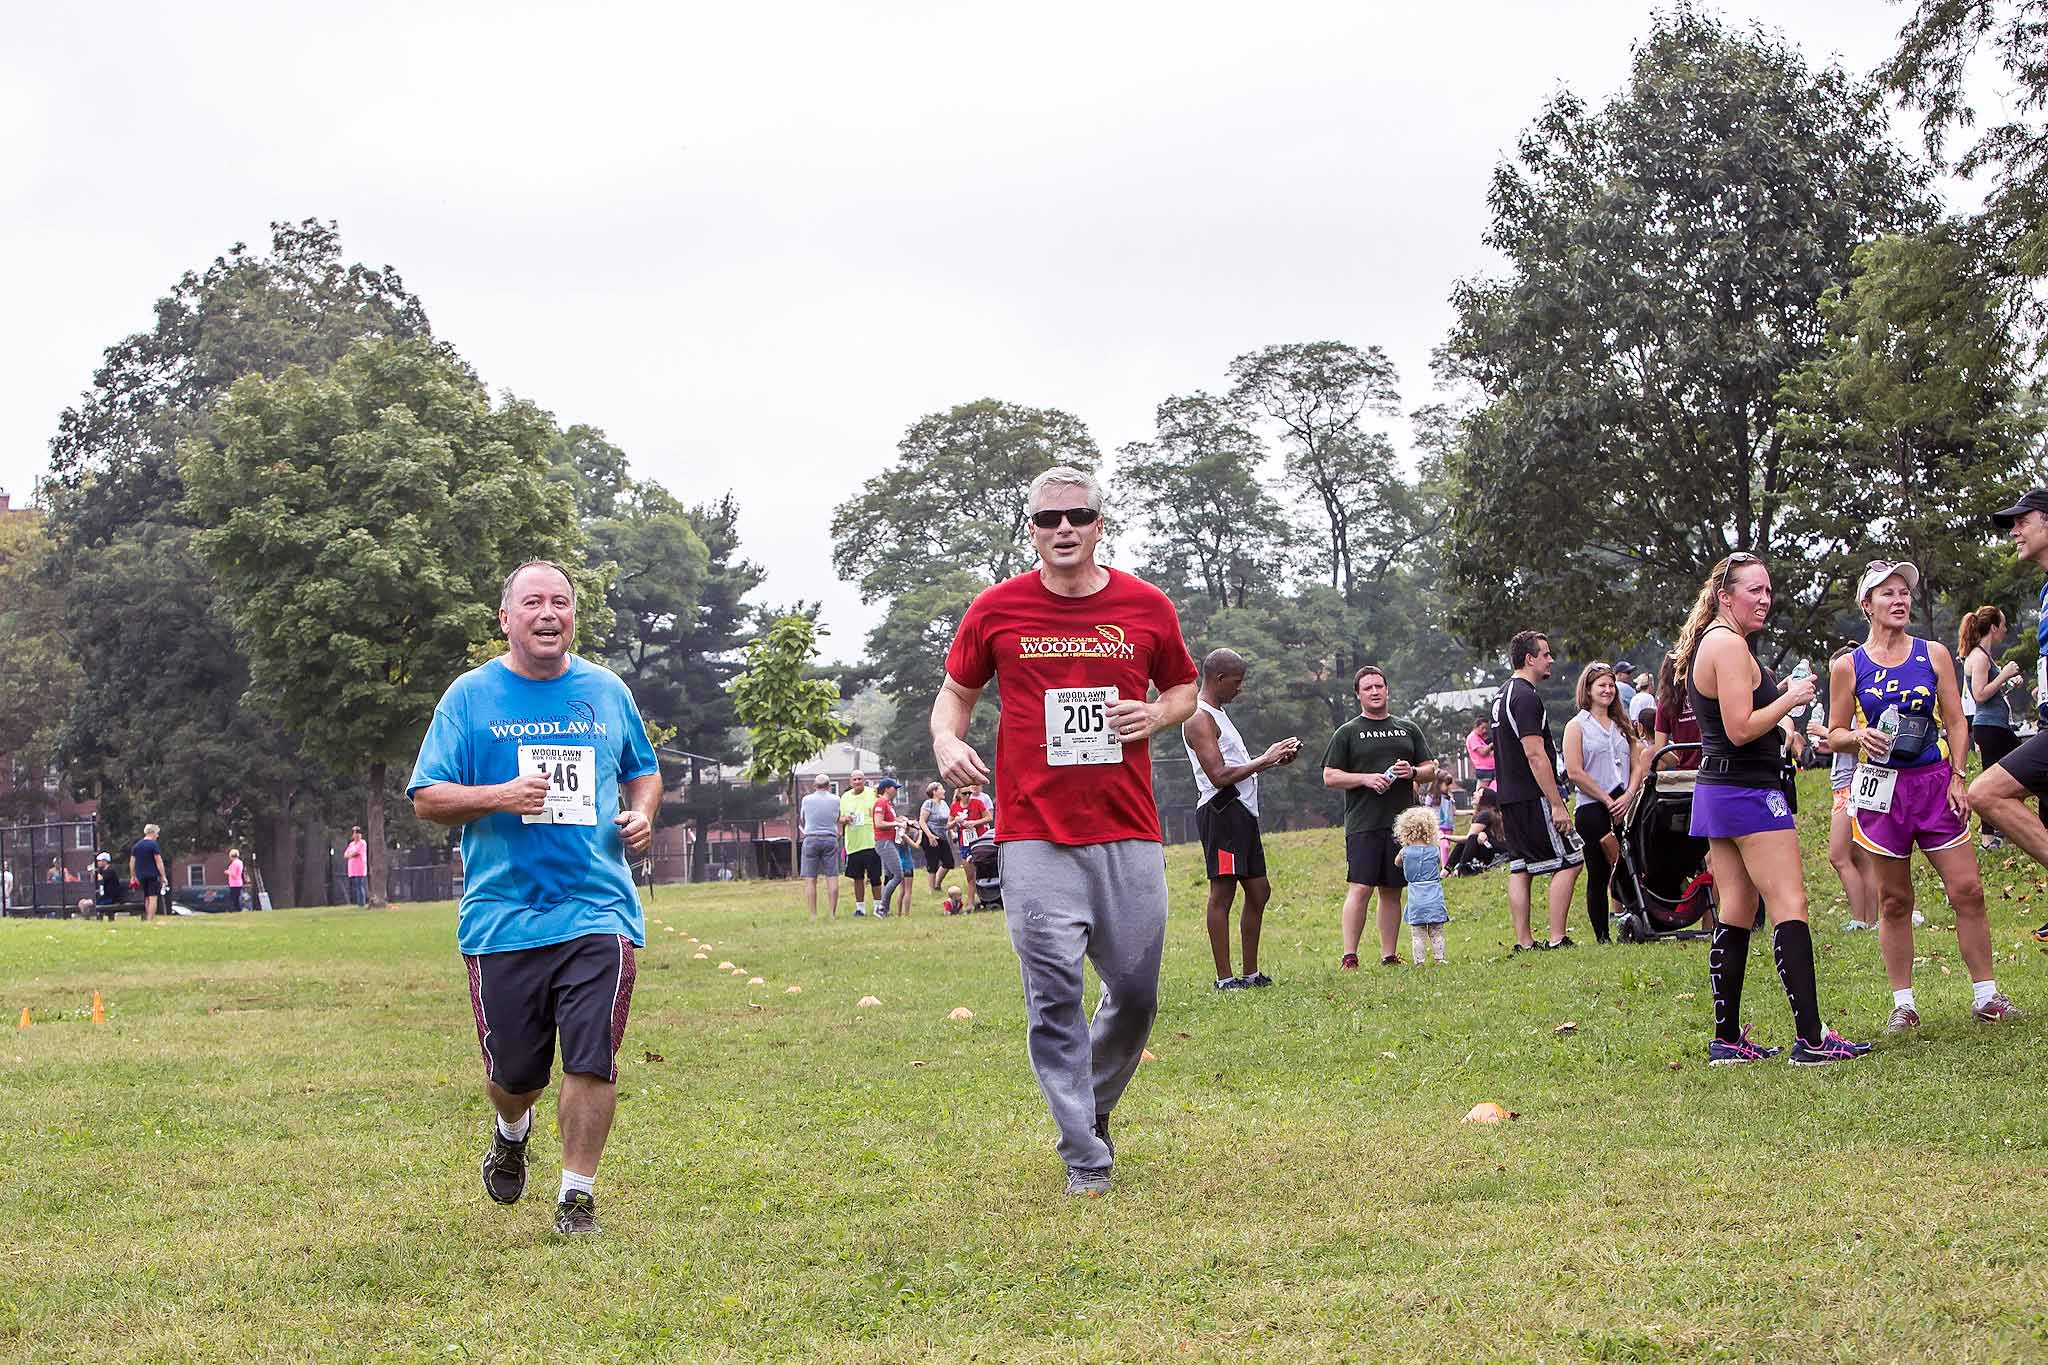 161-Woodlawn Run for a Cause-424.jpg